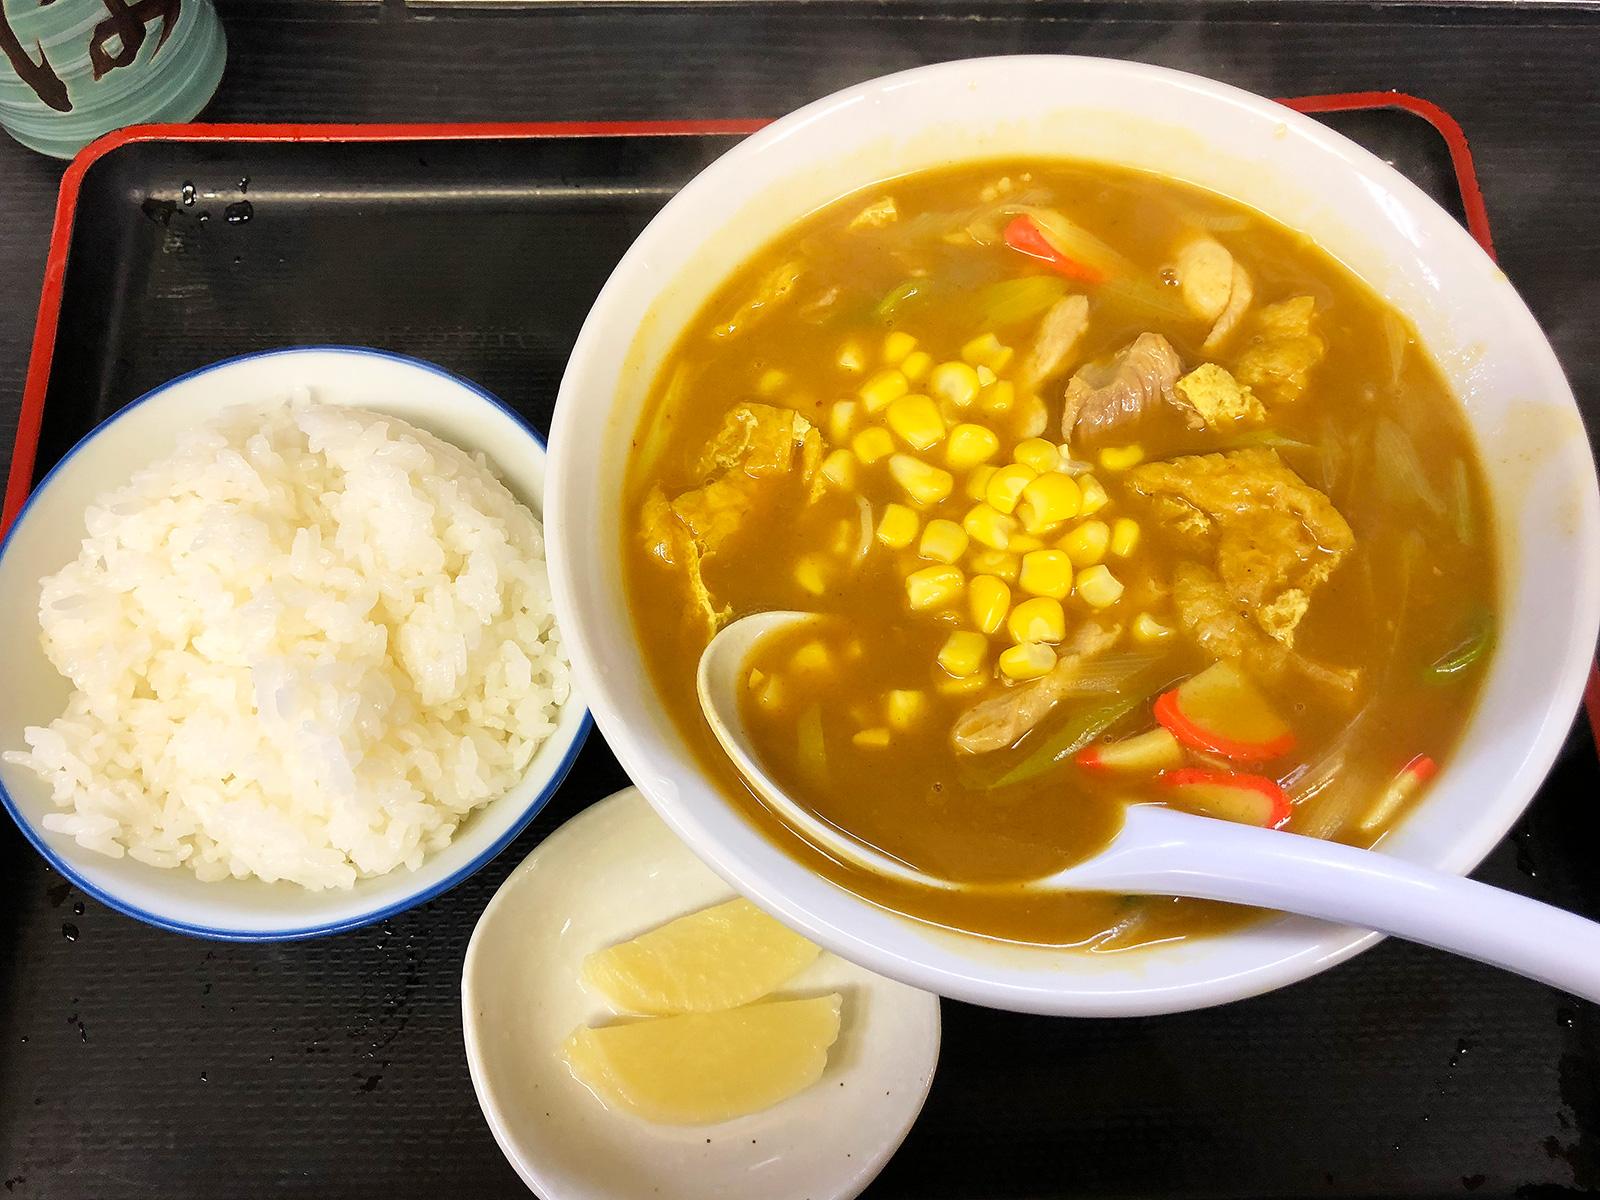 稲沢市の美味しいご飯・ランチ記事一覧